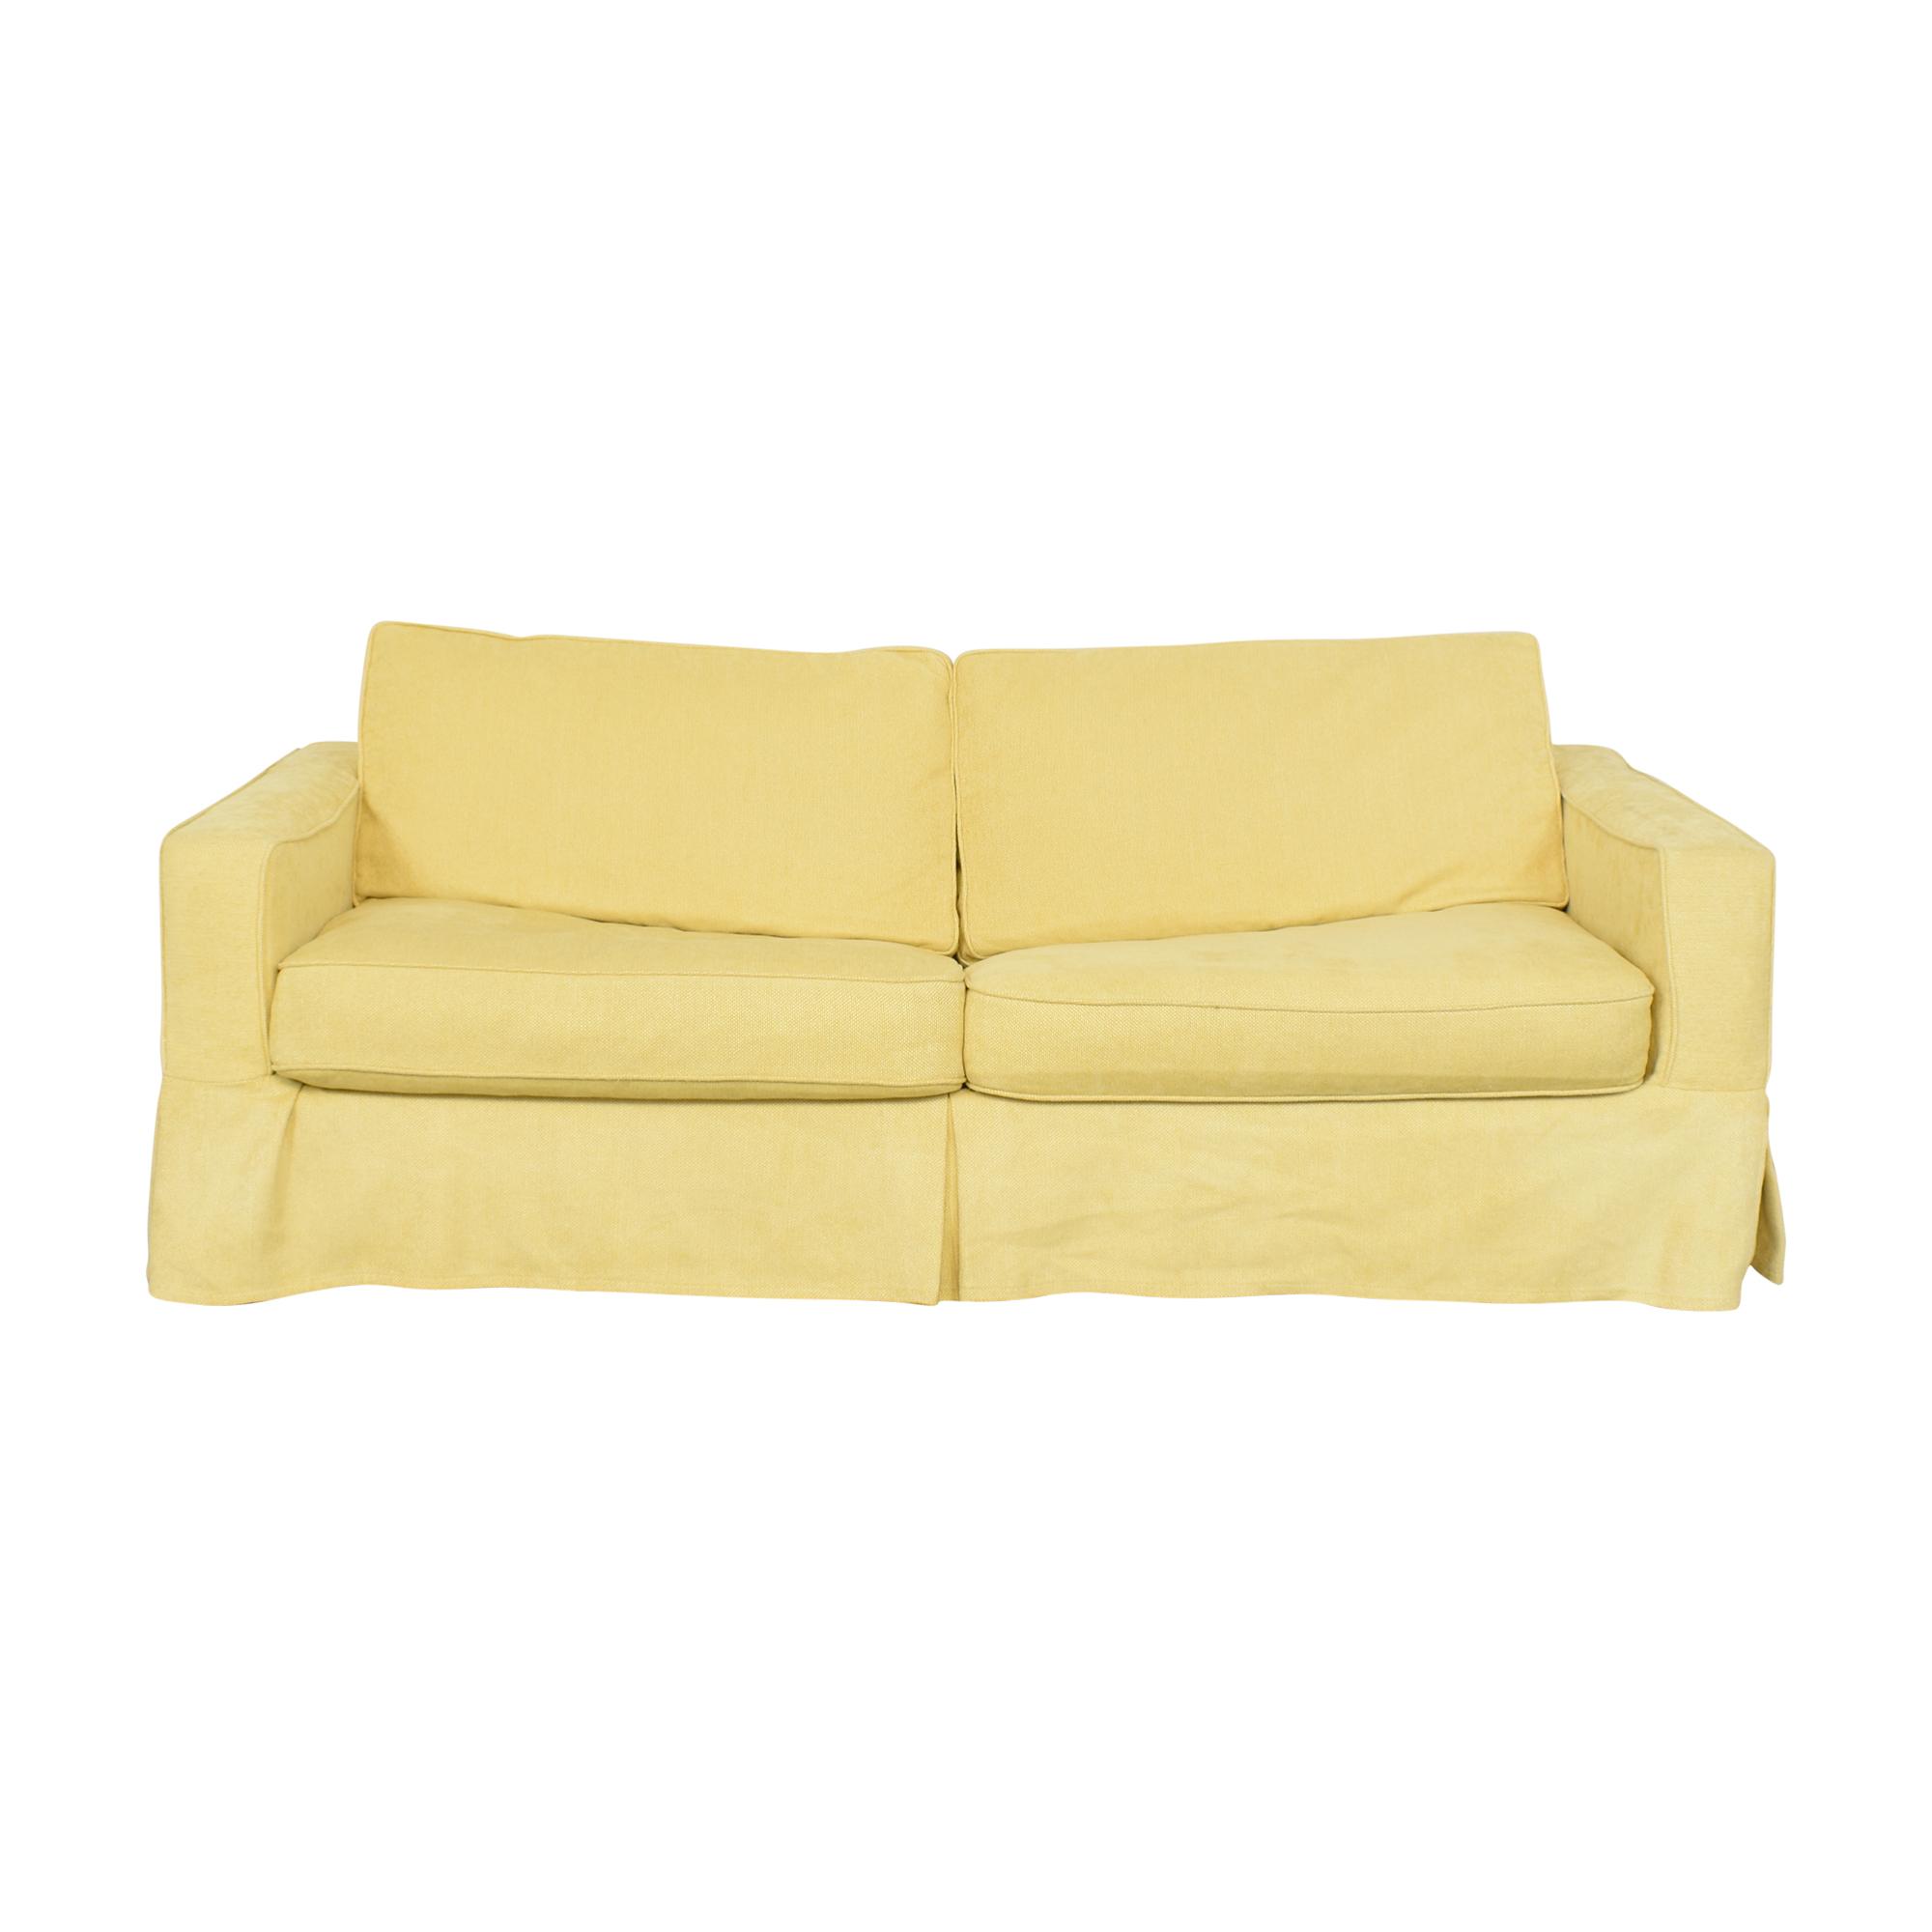 shop Crate & Barrel Sleeper Sofa Crate & Barrel